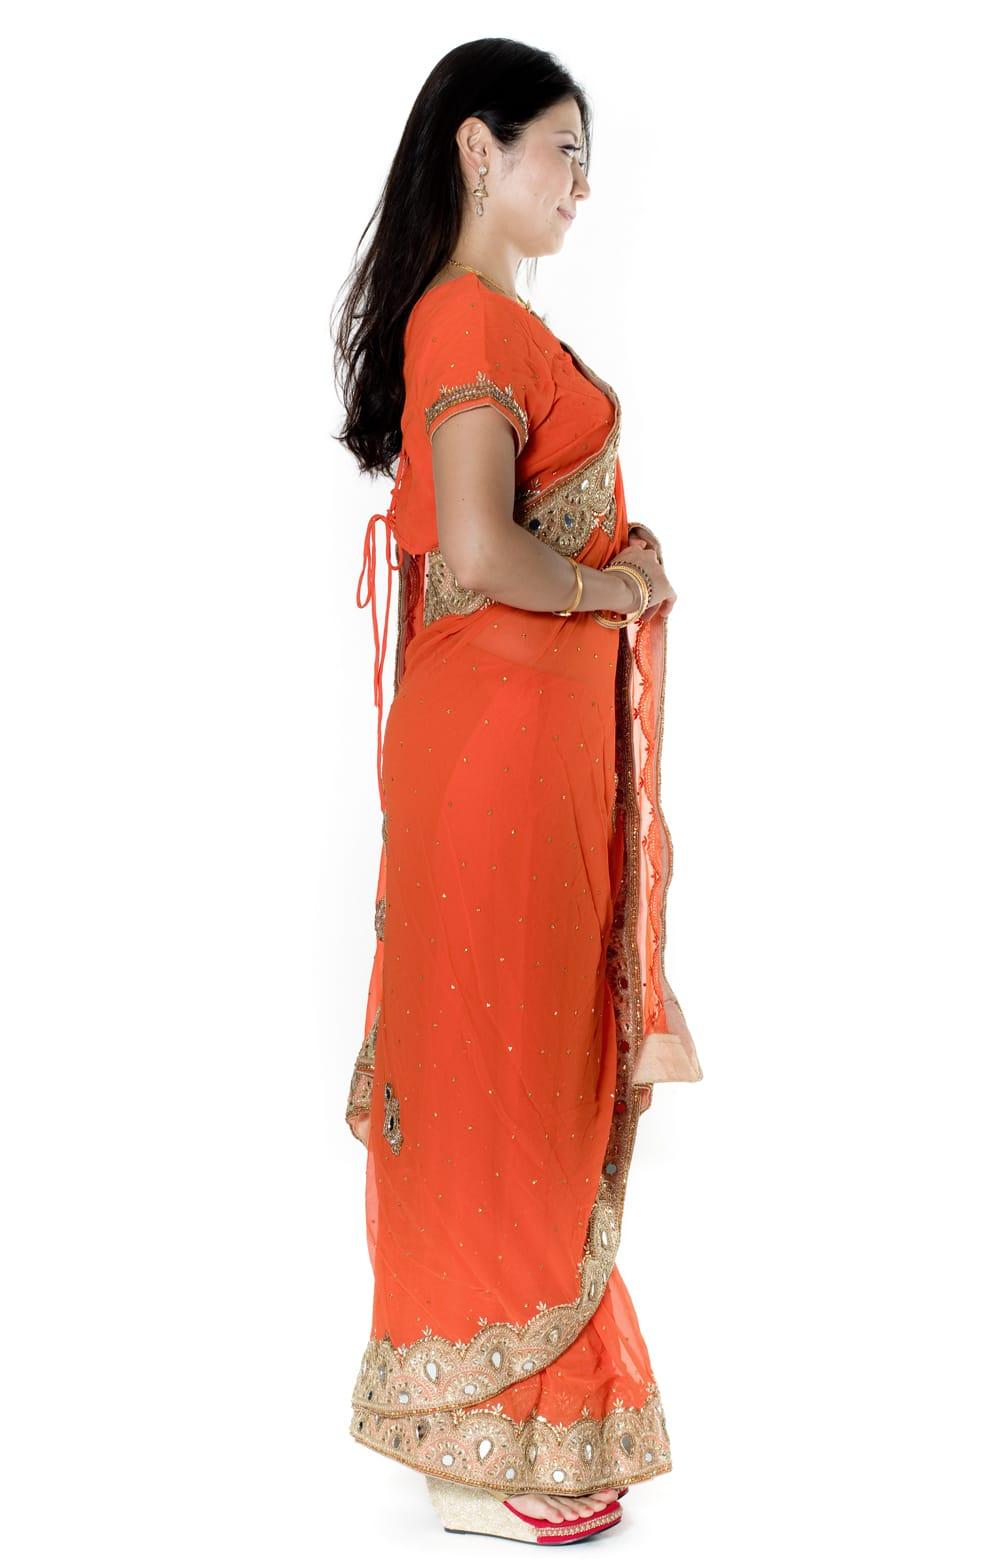 【一点物・ちょっと訳あり】ミラーワークと刺繍の婚礼用ゴージャス ジョーゼットサリー【チョリ付き】 - オレンジ 4 - 横からの写真です